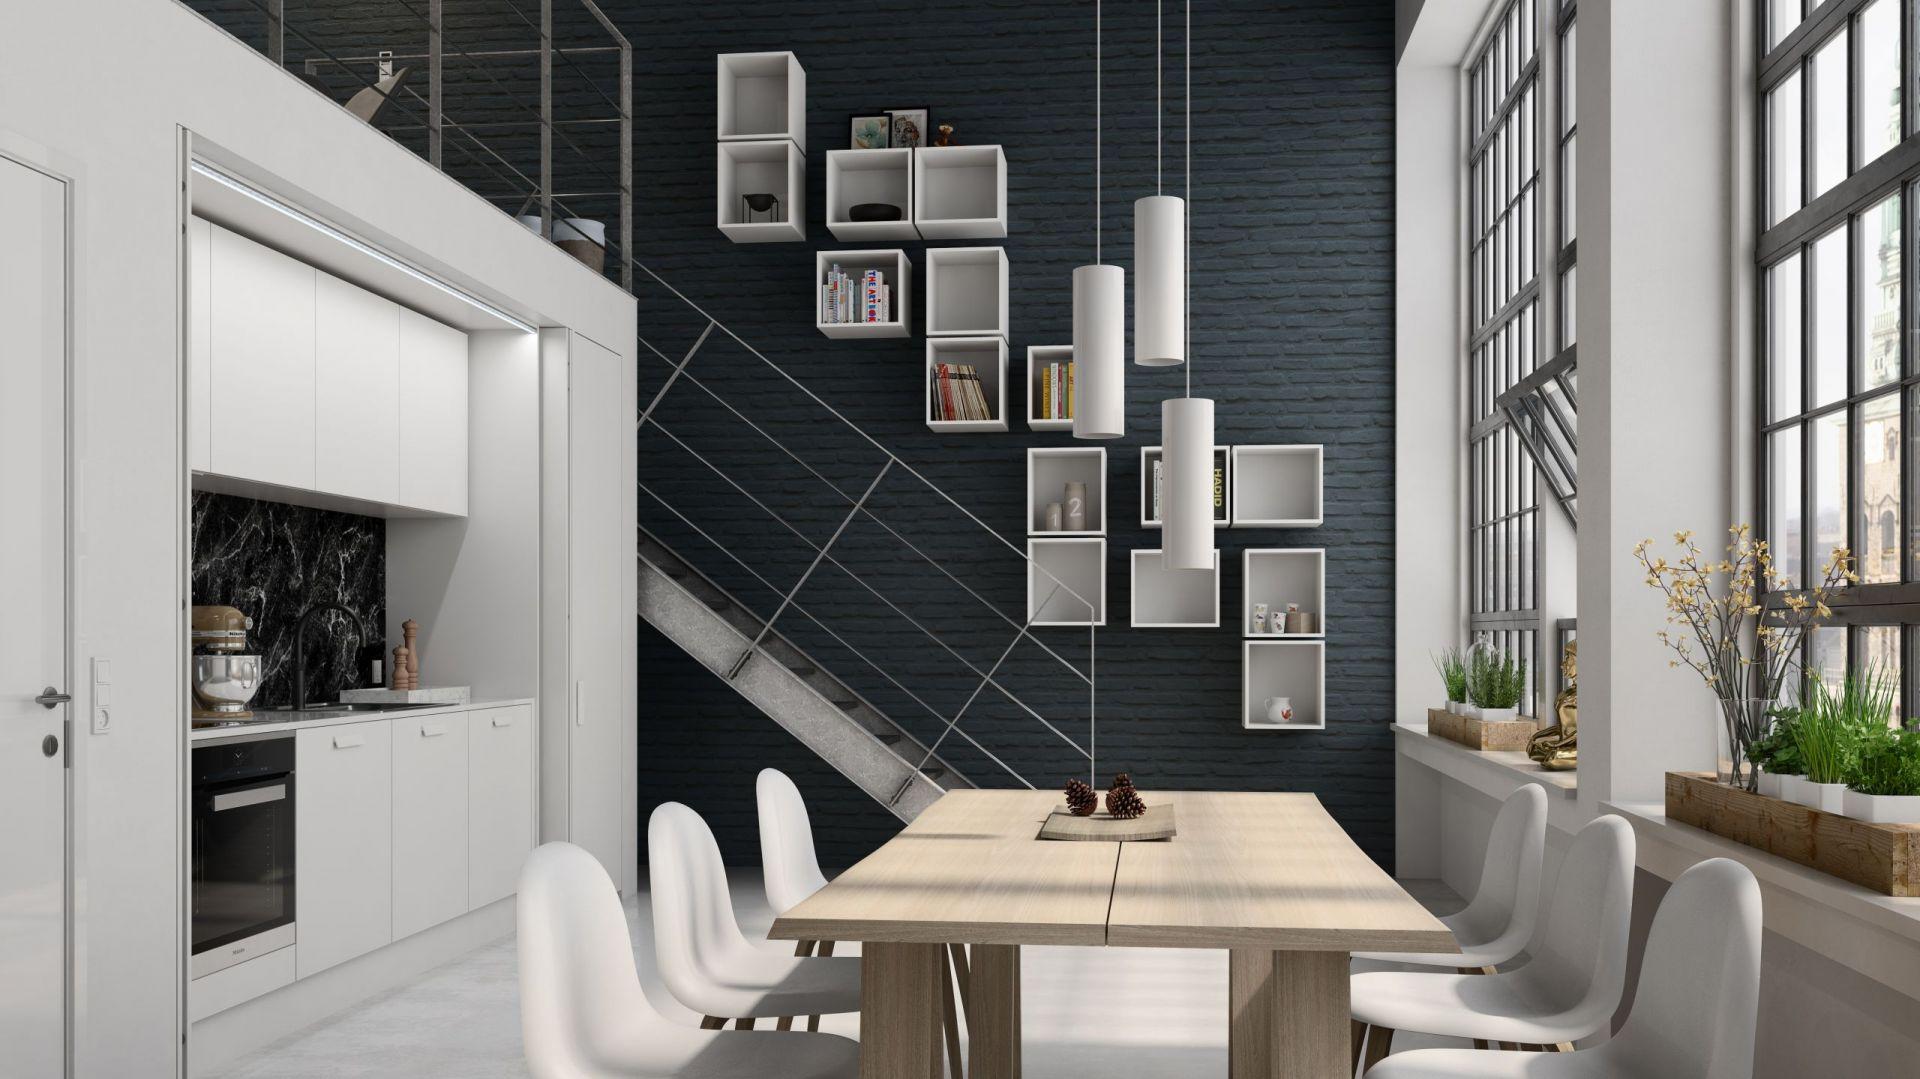 Zaplanowana z myślą o małych przestrzeniach kuchnia Newyorker w całości została ukryta za wysuwanymi z bocznych nisz drzwiami. Fot. Svane